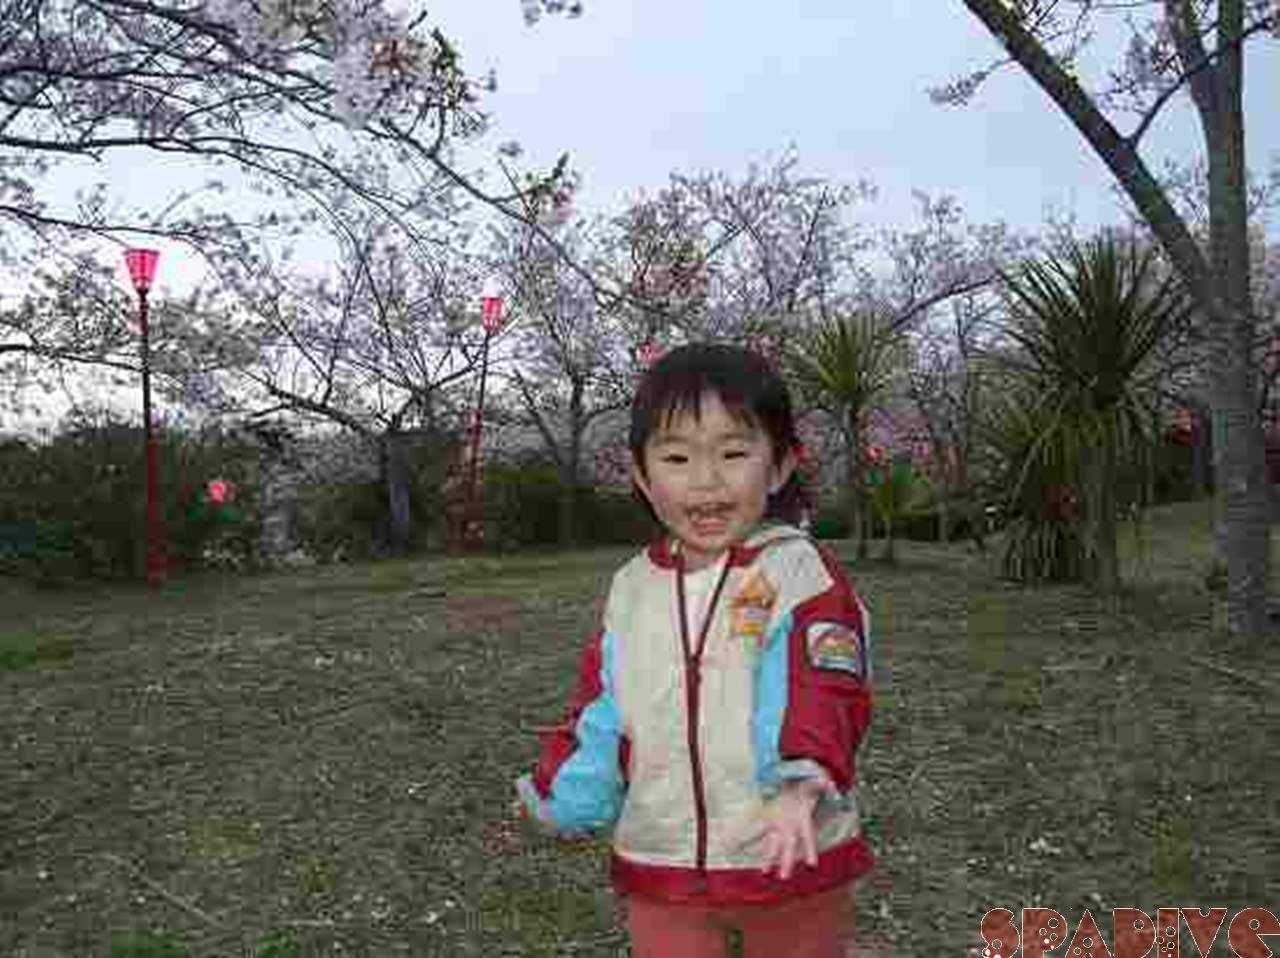 まだまだキレイな桜満開です|4/6/2010白浜平草原公園